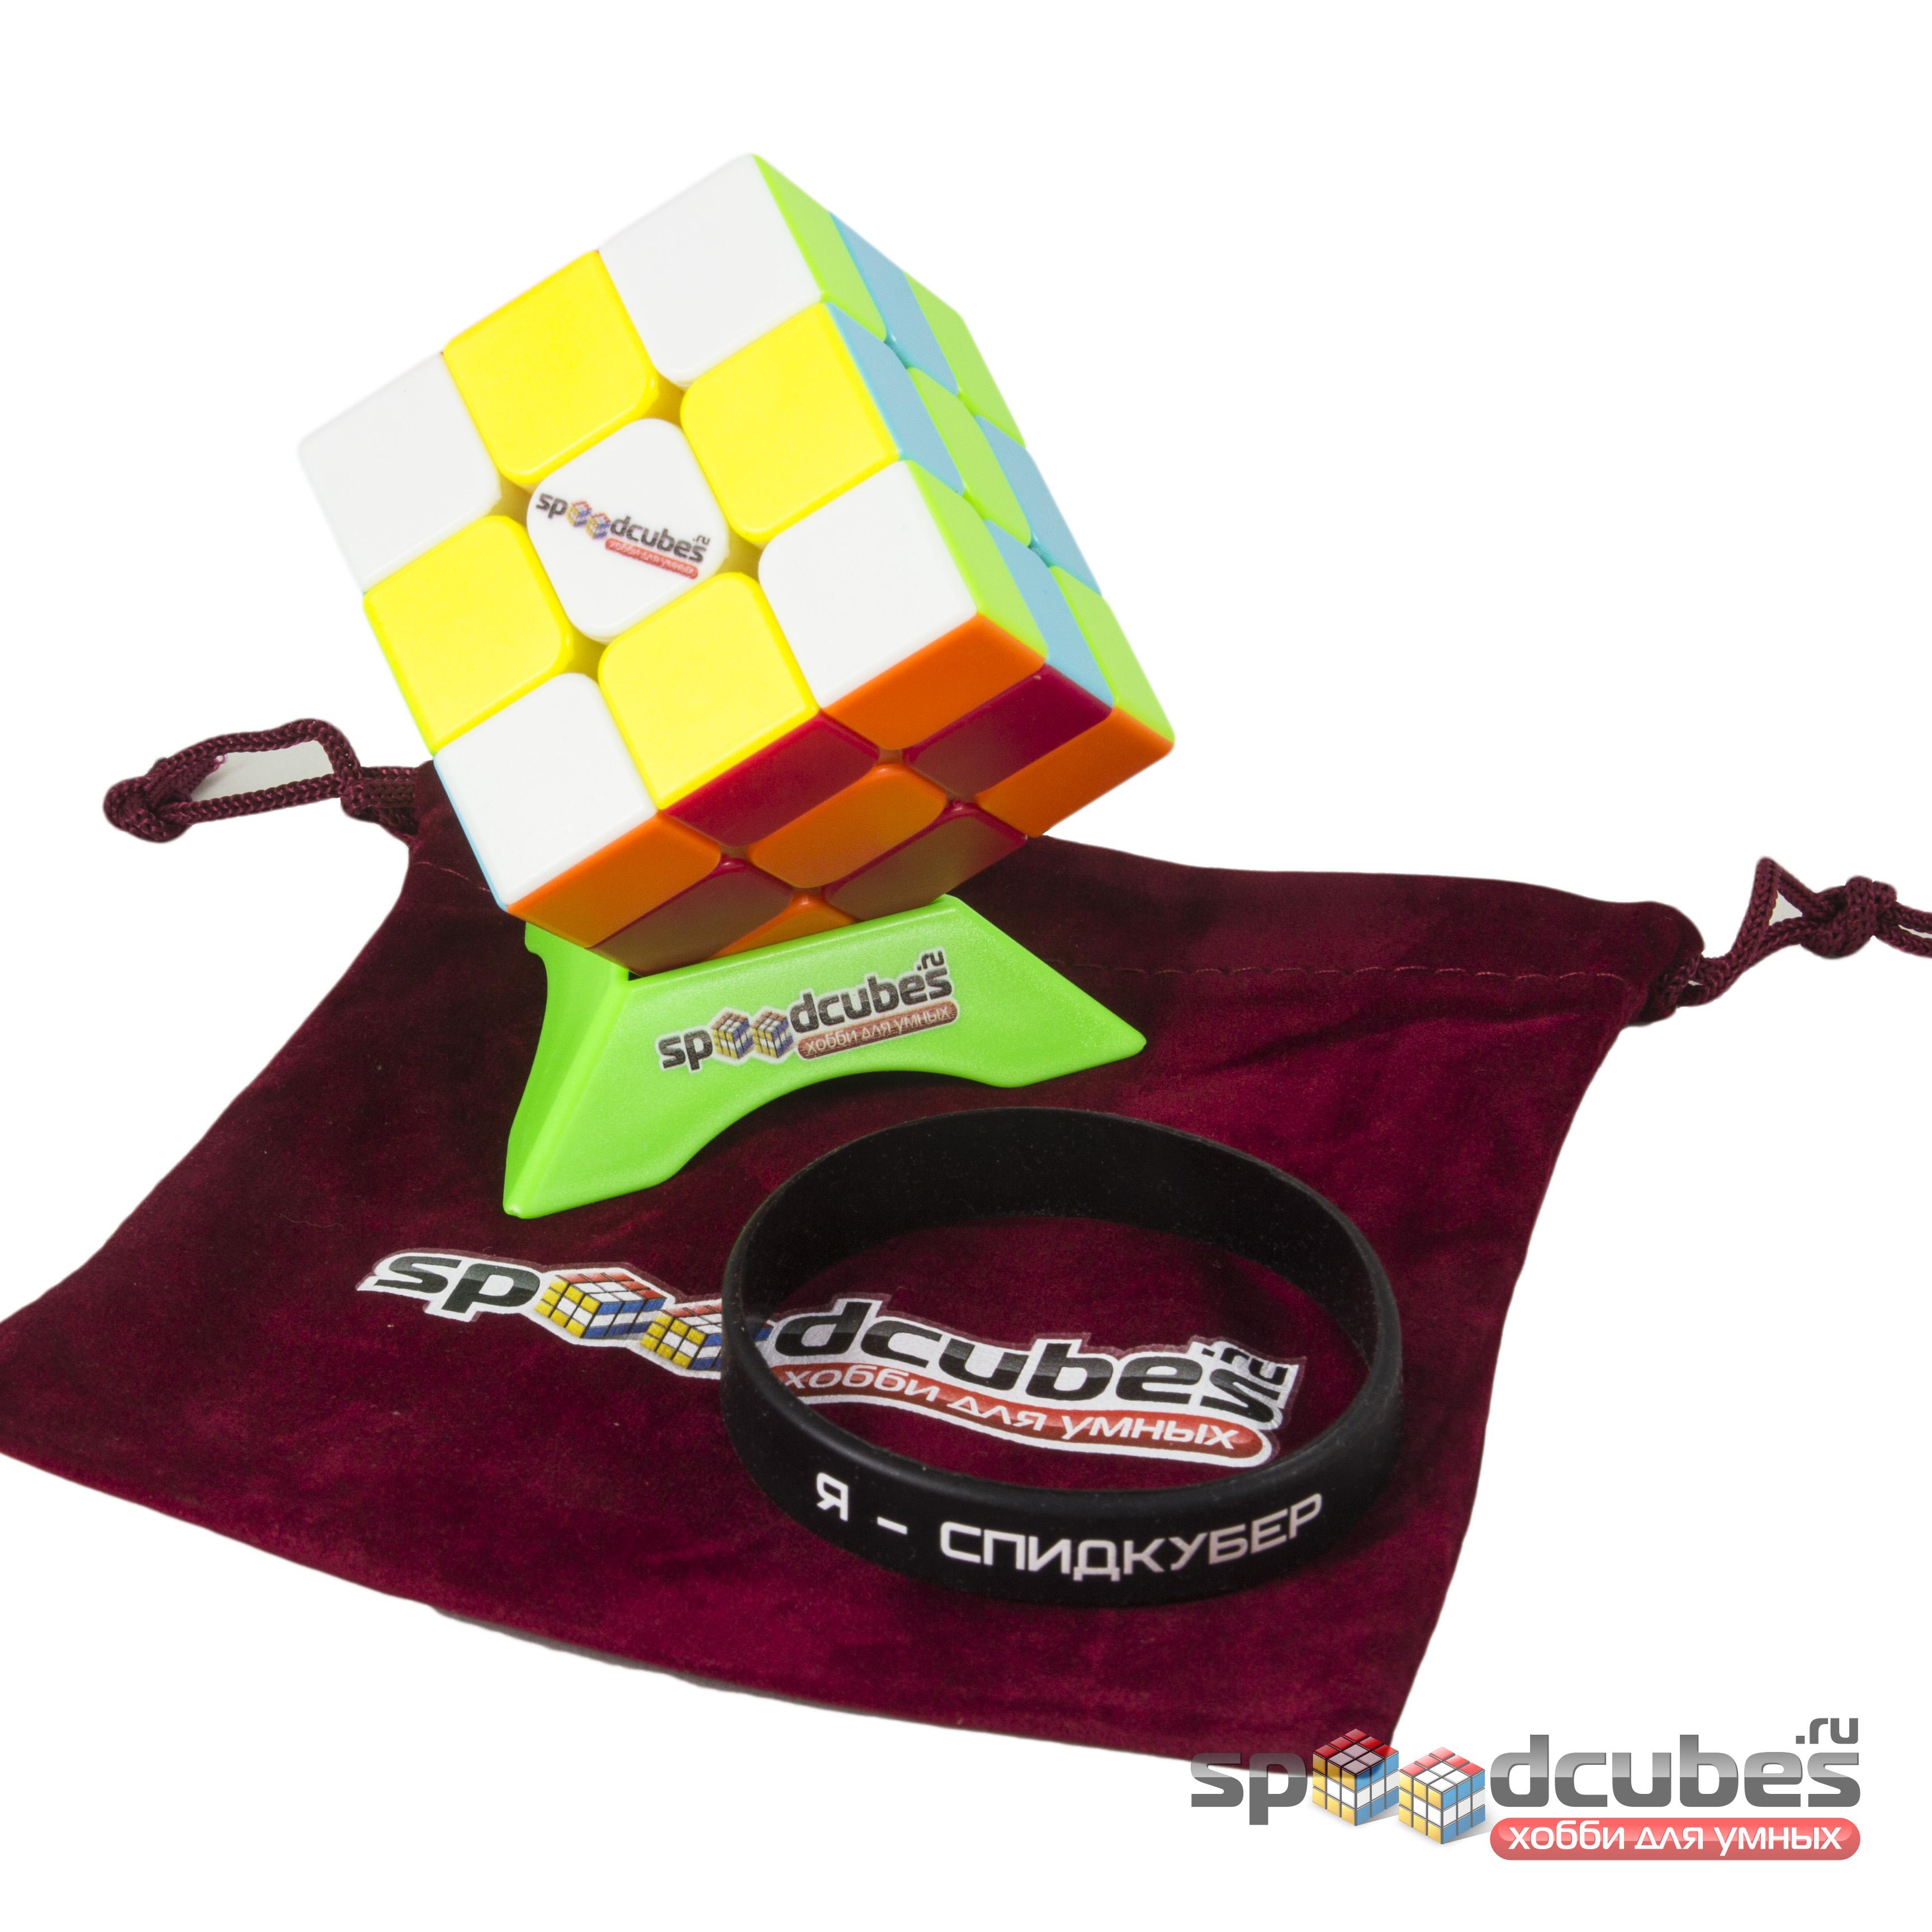 Фирменный набор спидкубера от SPEEDCUBES